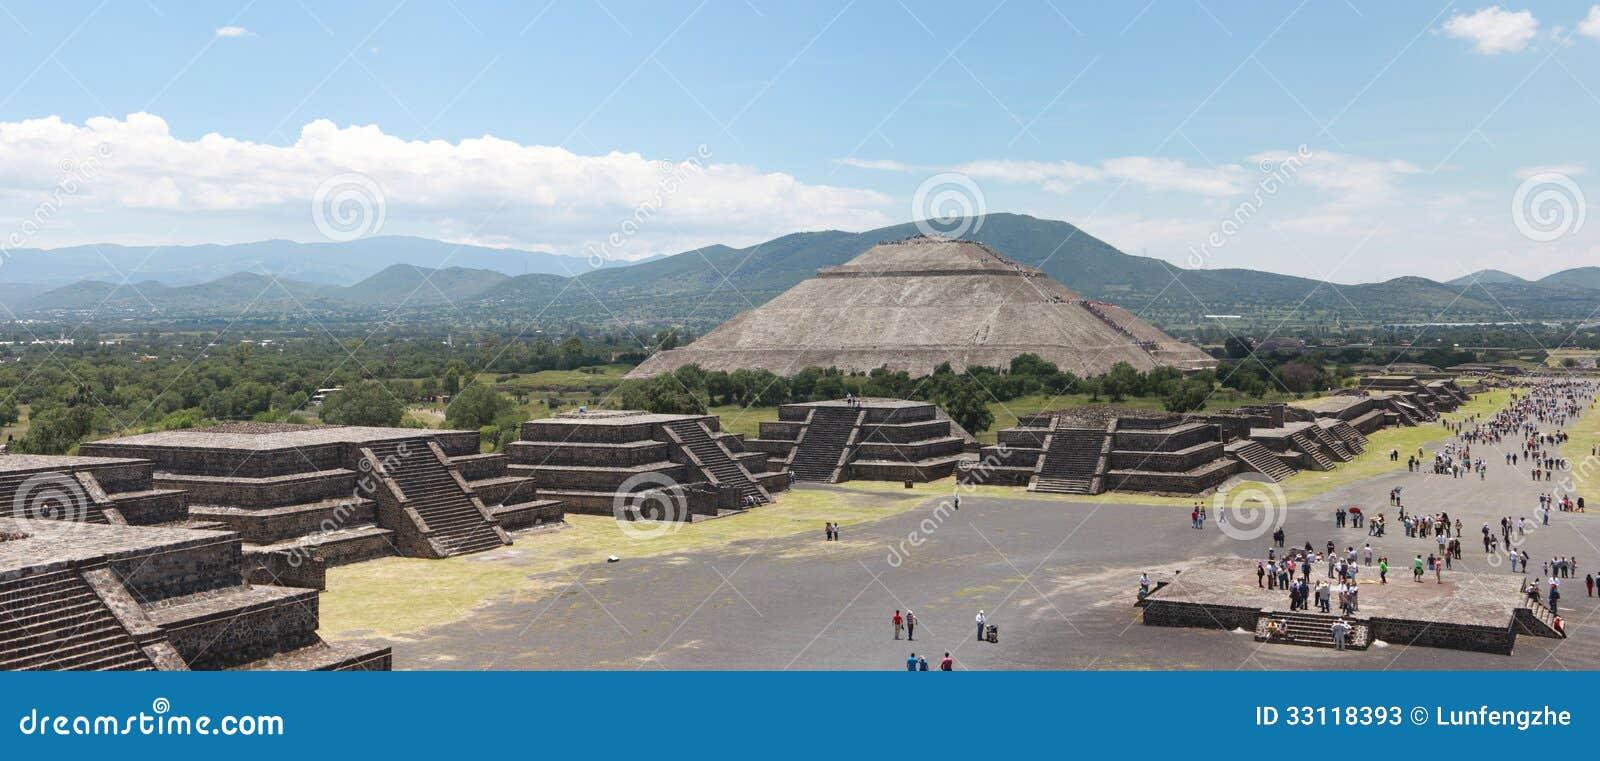 Pirmide Del Sol Teotihuacan | apexwallpapers.com